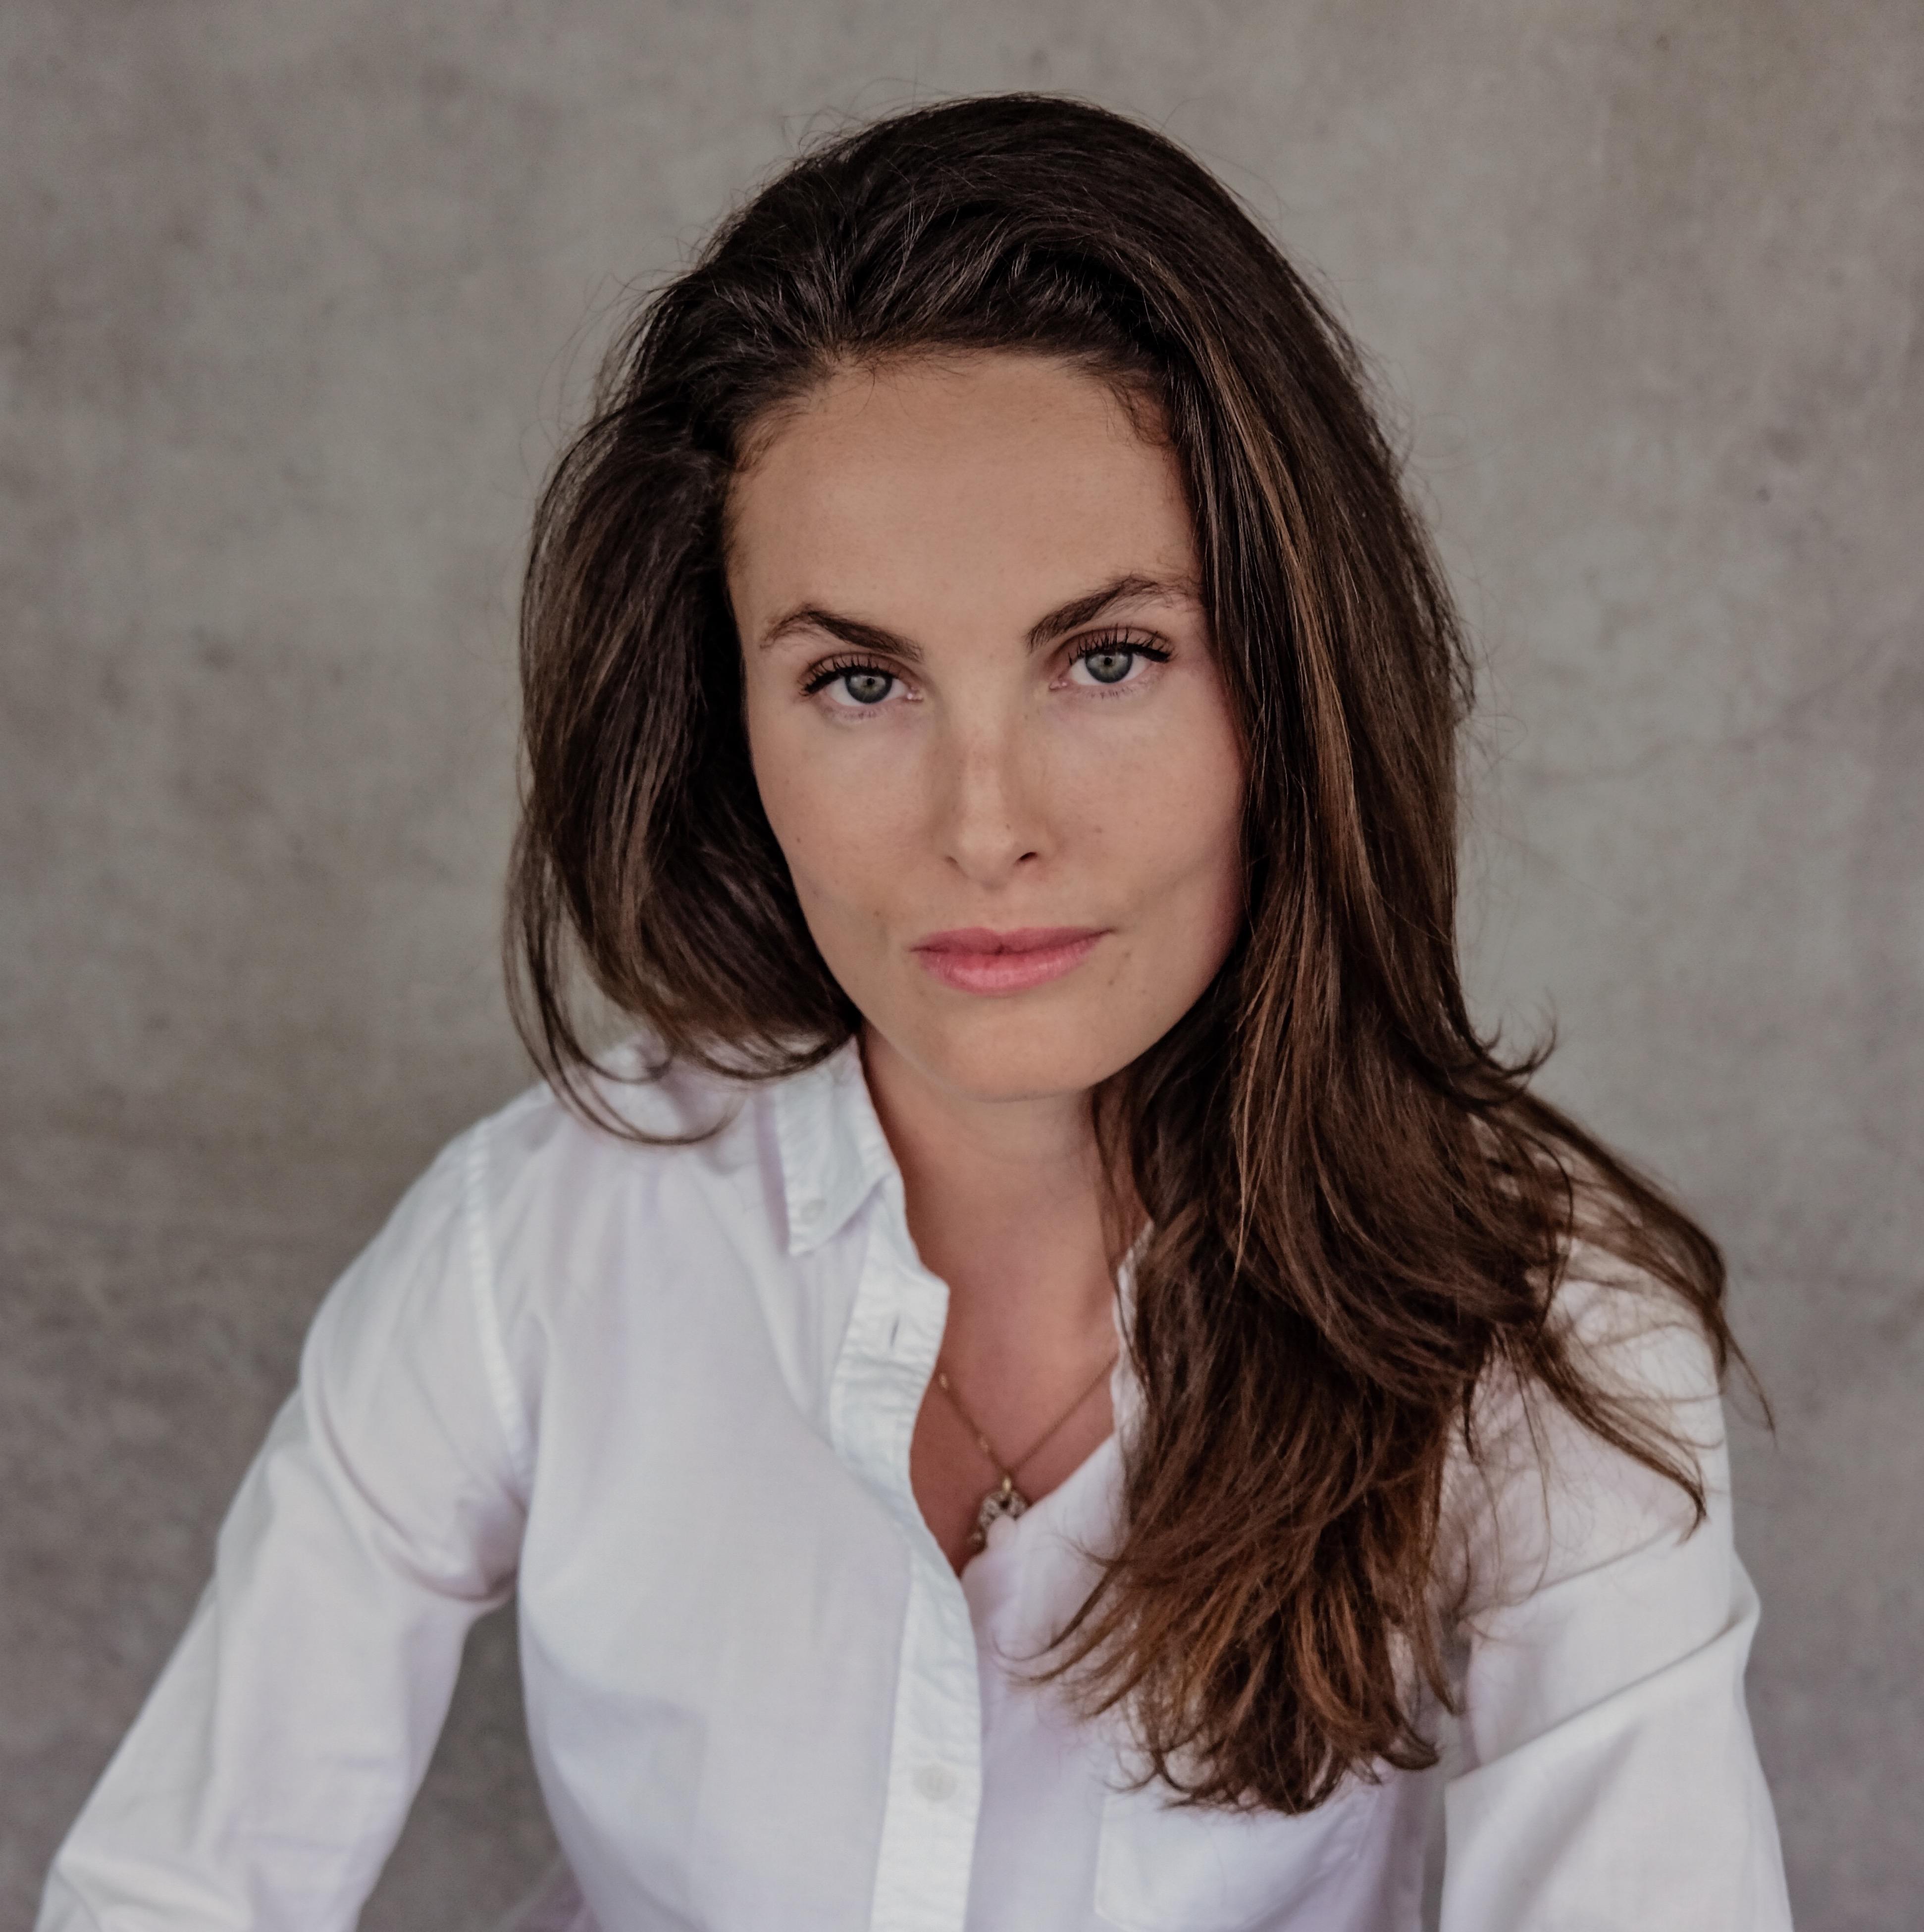 Eva Valerie Gferer